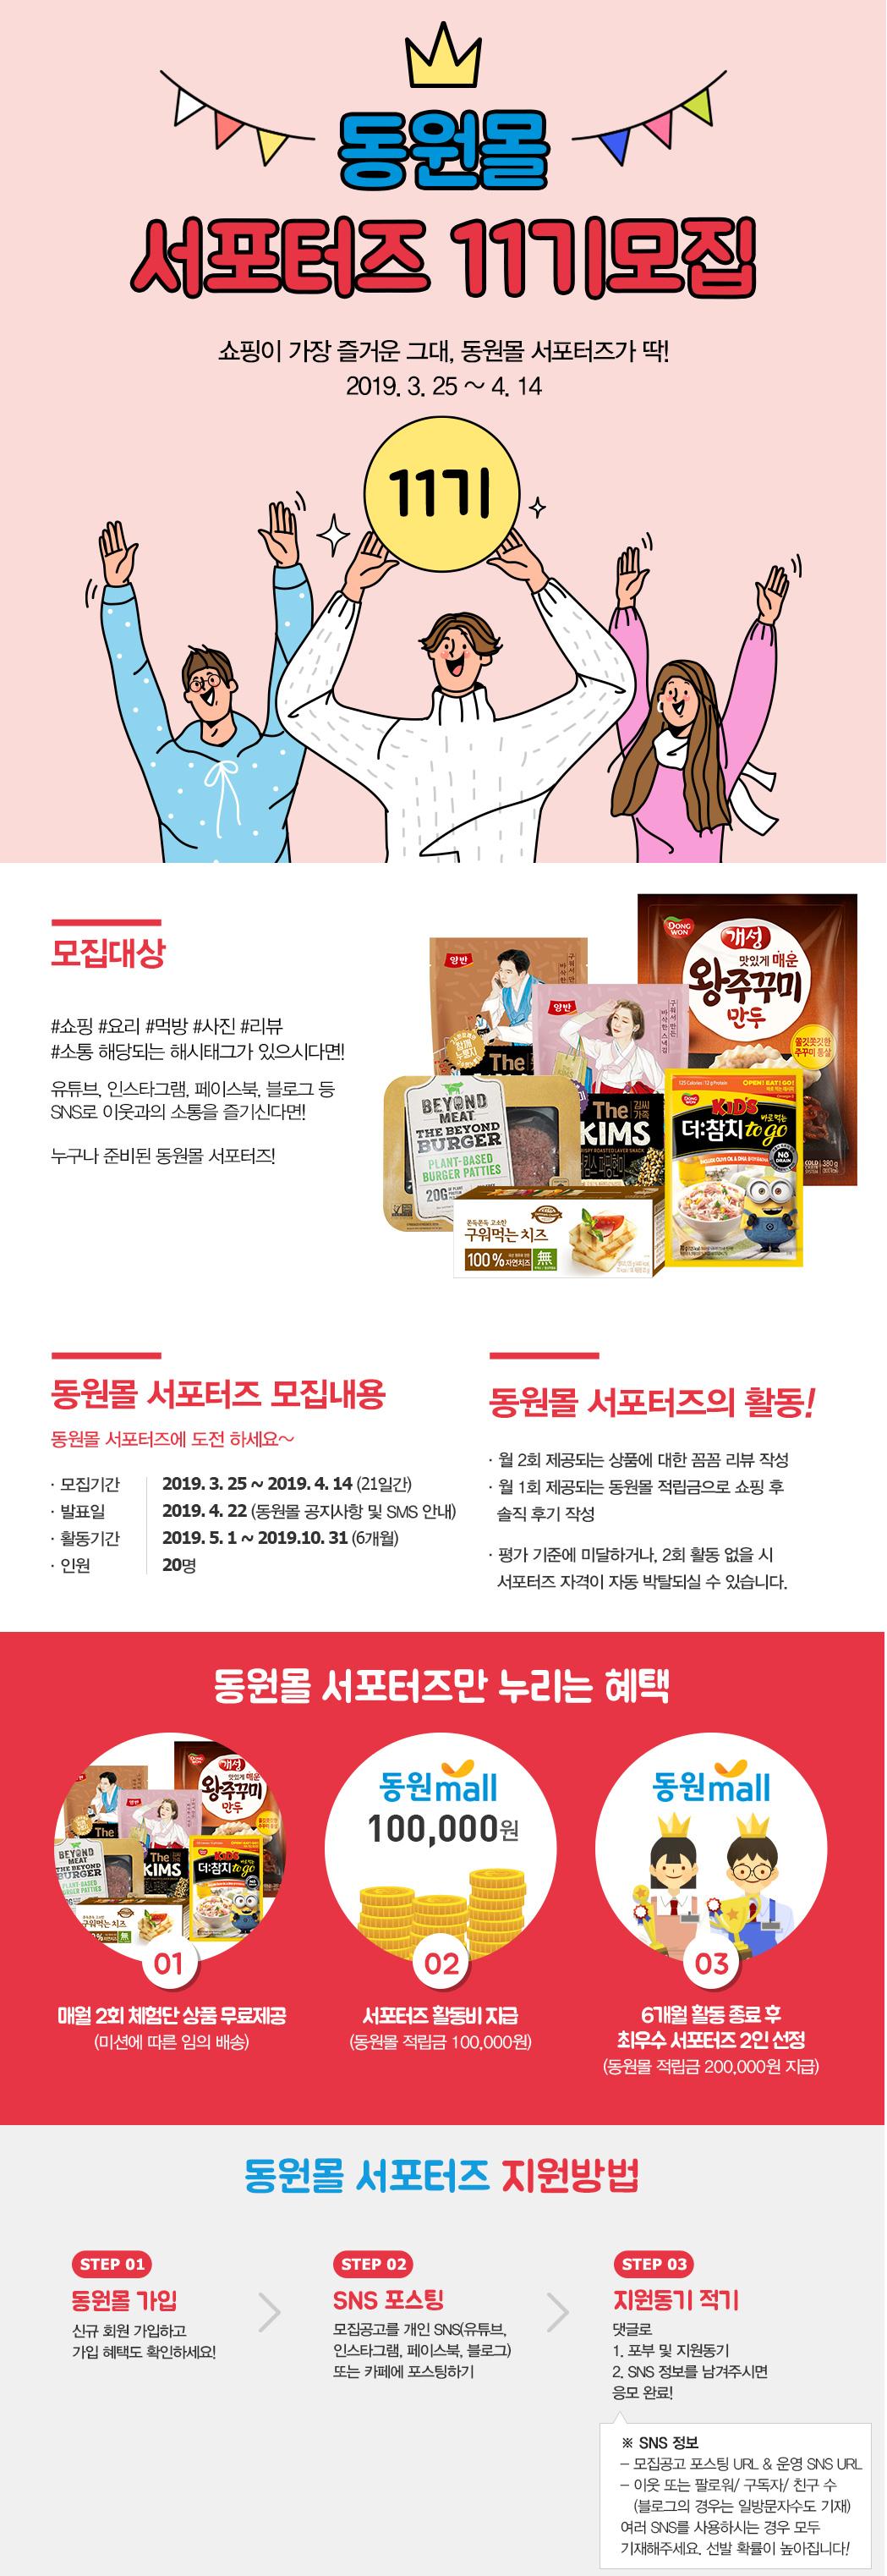 동원몰 서포터즈 11기 모집